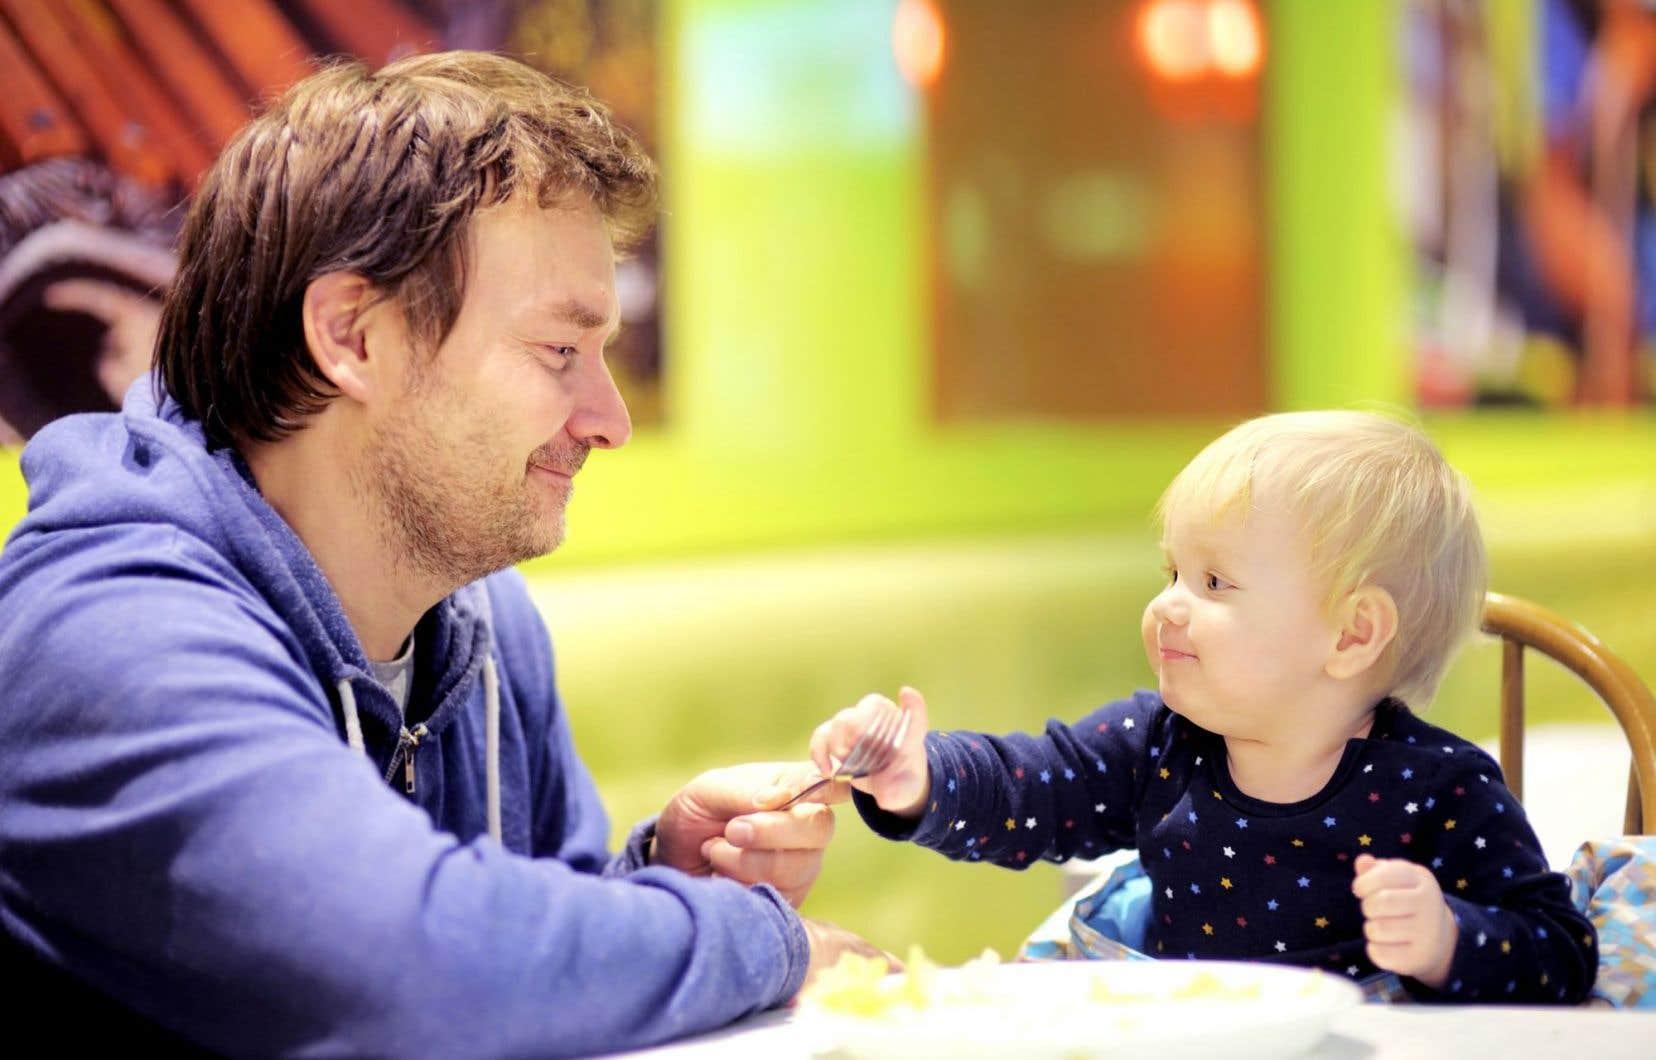 Plusieurs hommes constatent que les stéréotypes sur le rôle du père perdurent et que la pression sur la famille rend le terrain propice aux ruptures.